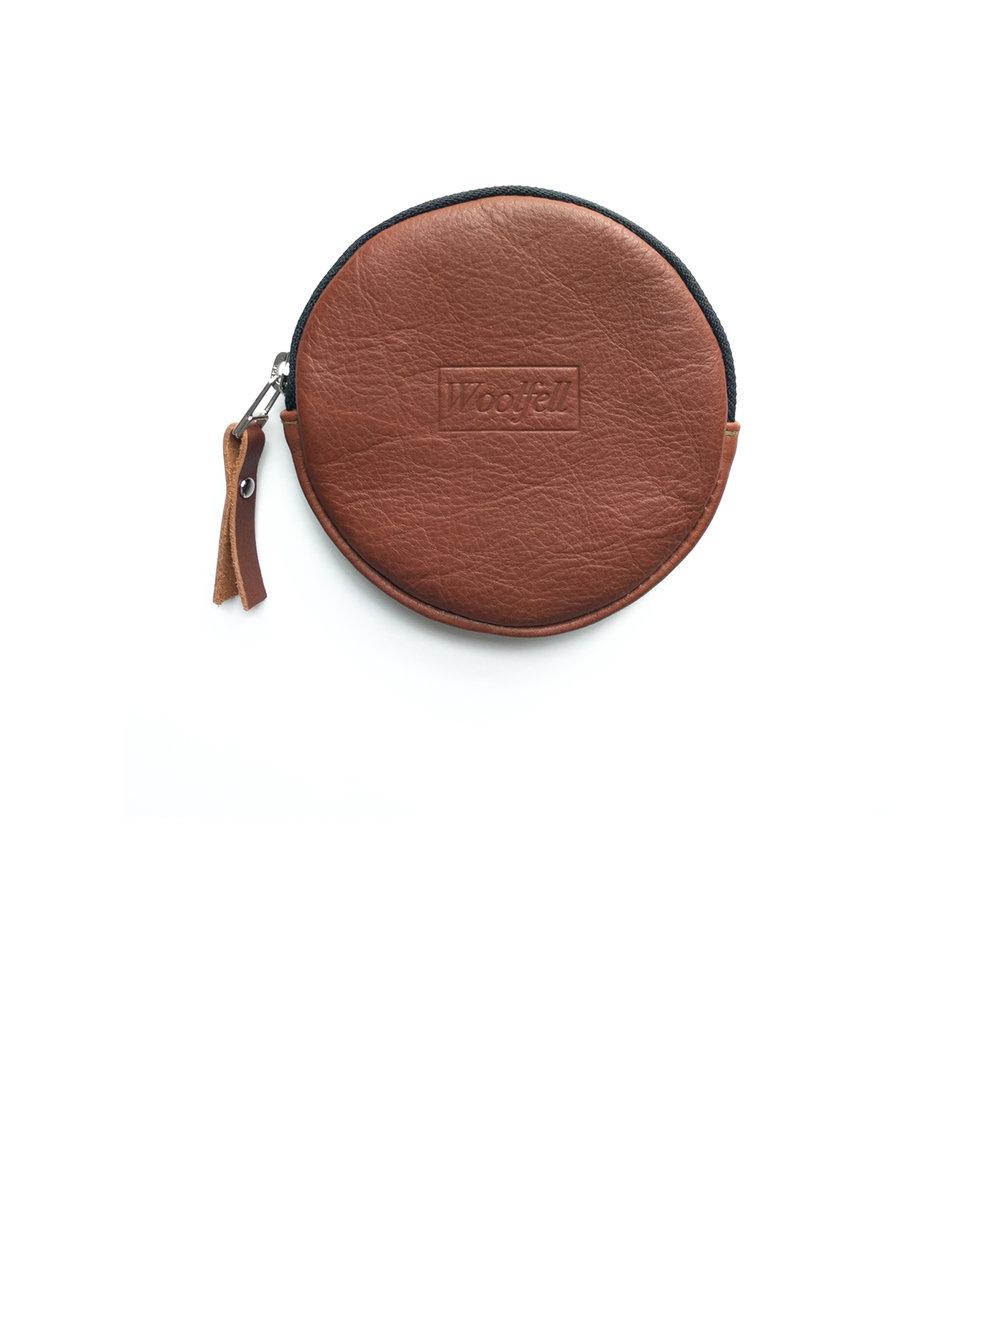 Porte-monnaie - plusieurs couleurs disponibles30.00$- 36.00$